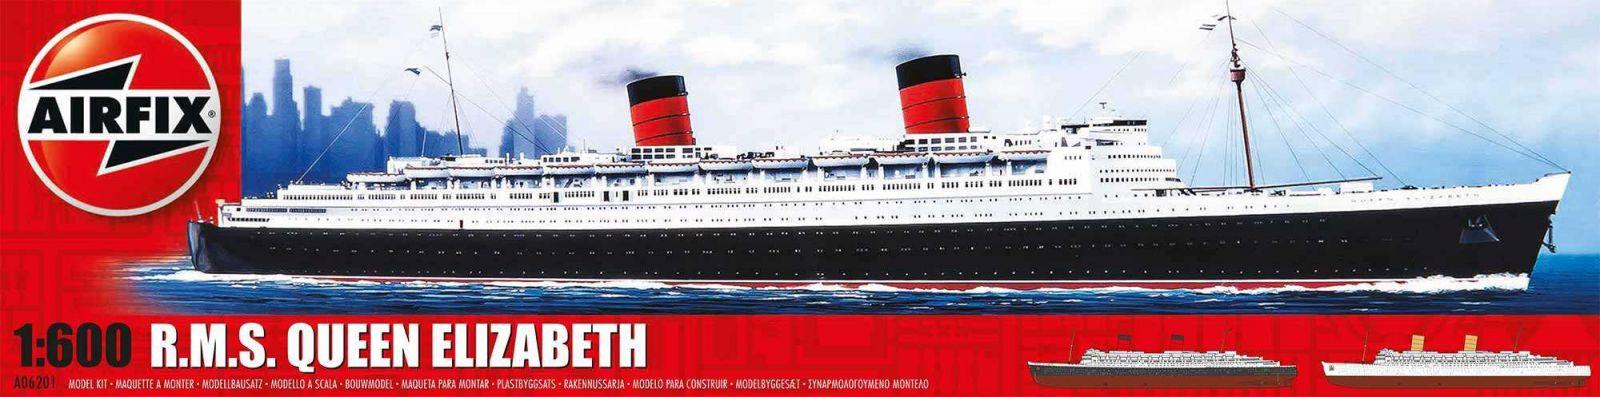 Classic Kit loď A06201 - RMS Queen Elizabeth 1 (1:600) Airfix Plastikové modely